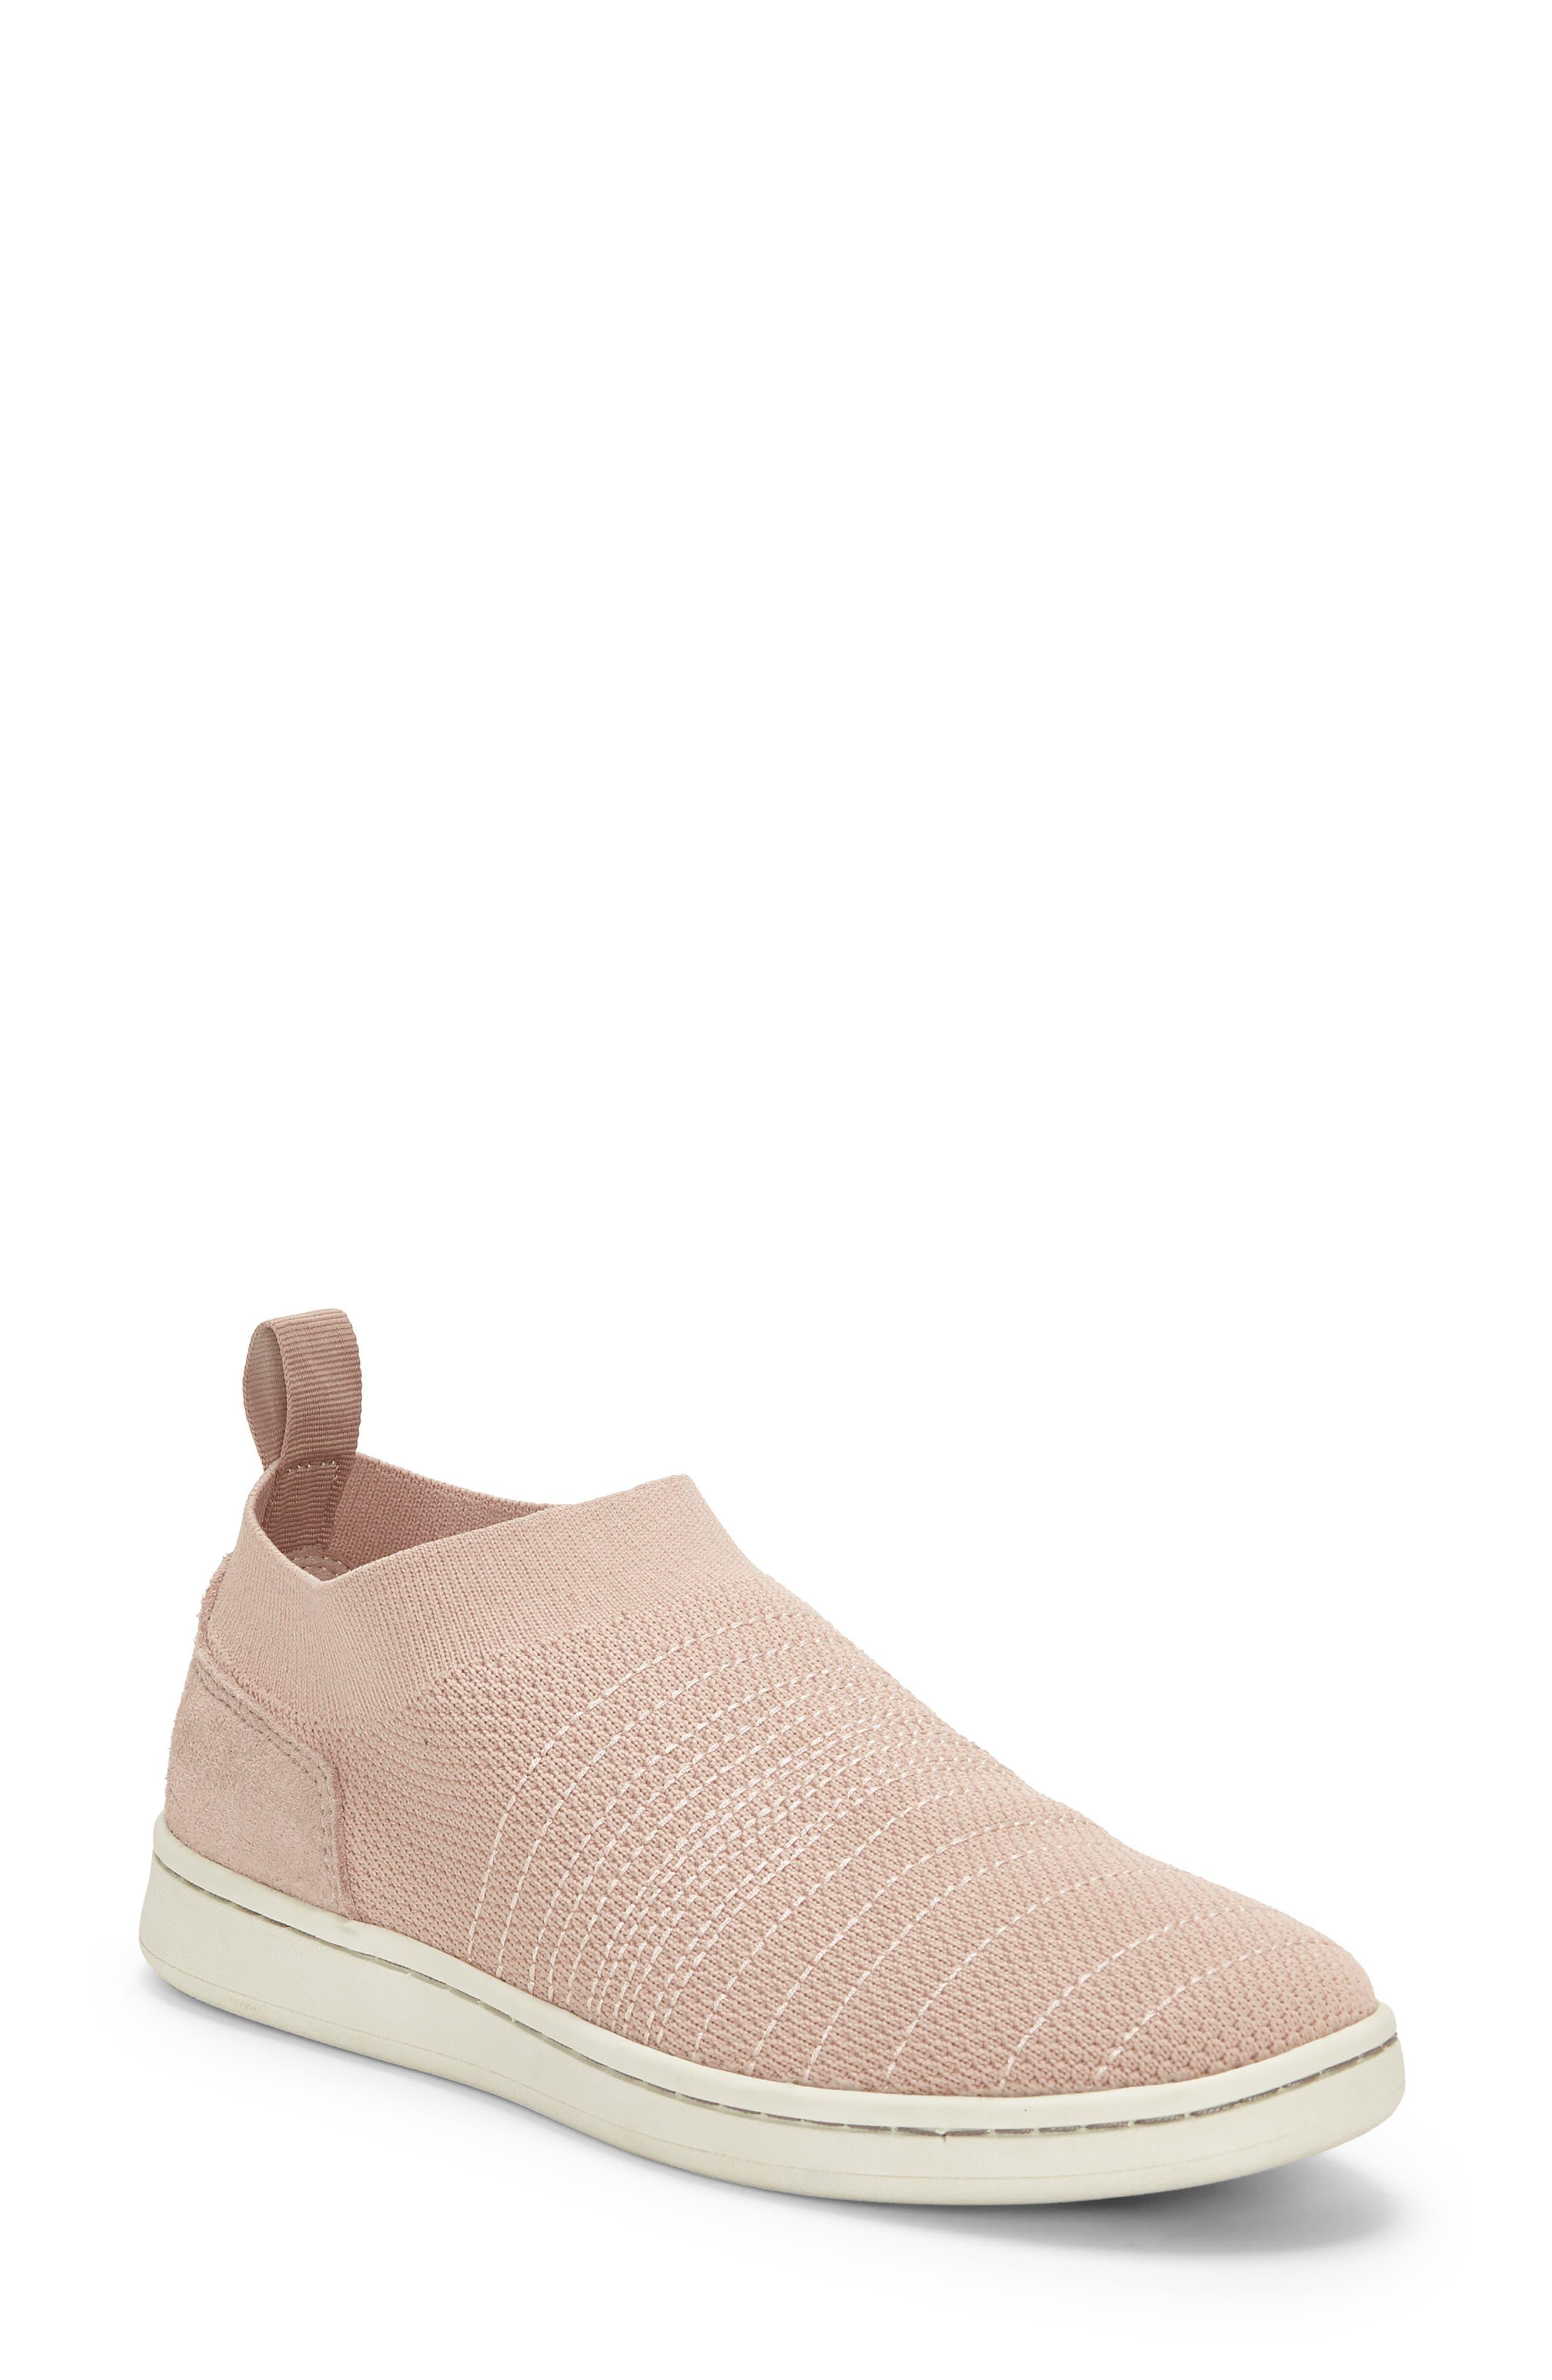 2ec44579cb0c Women's ED Ellen Degeneres Shoes | Nordstrom